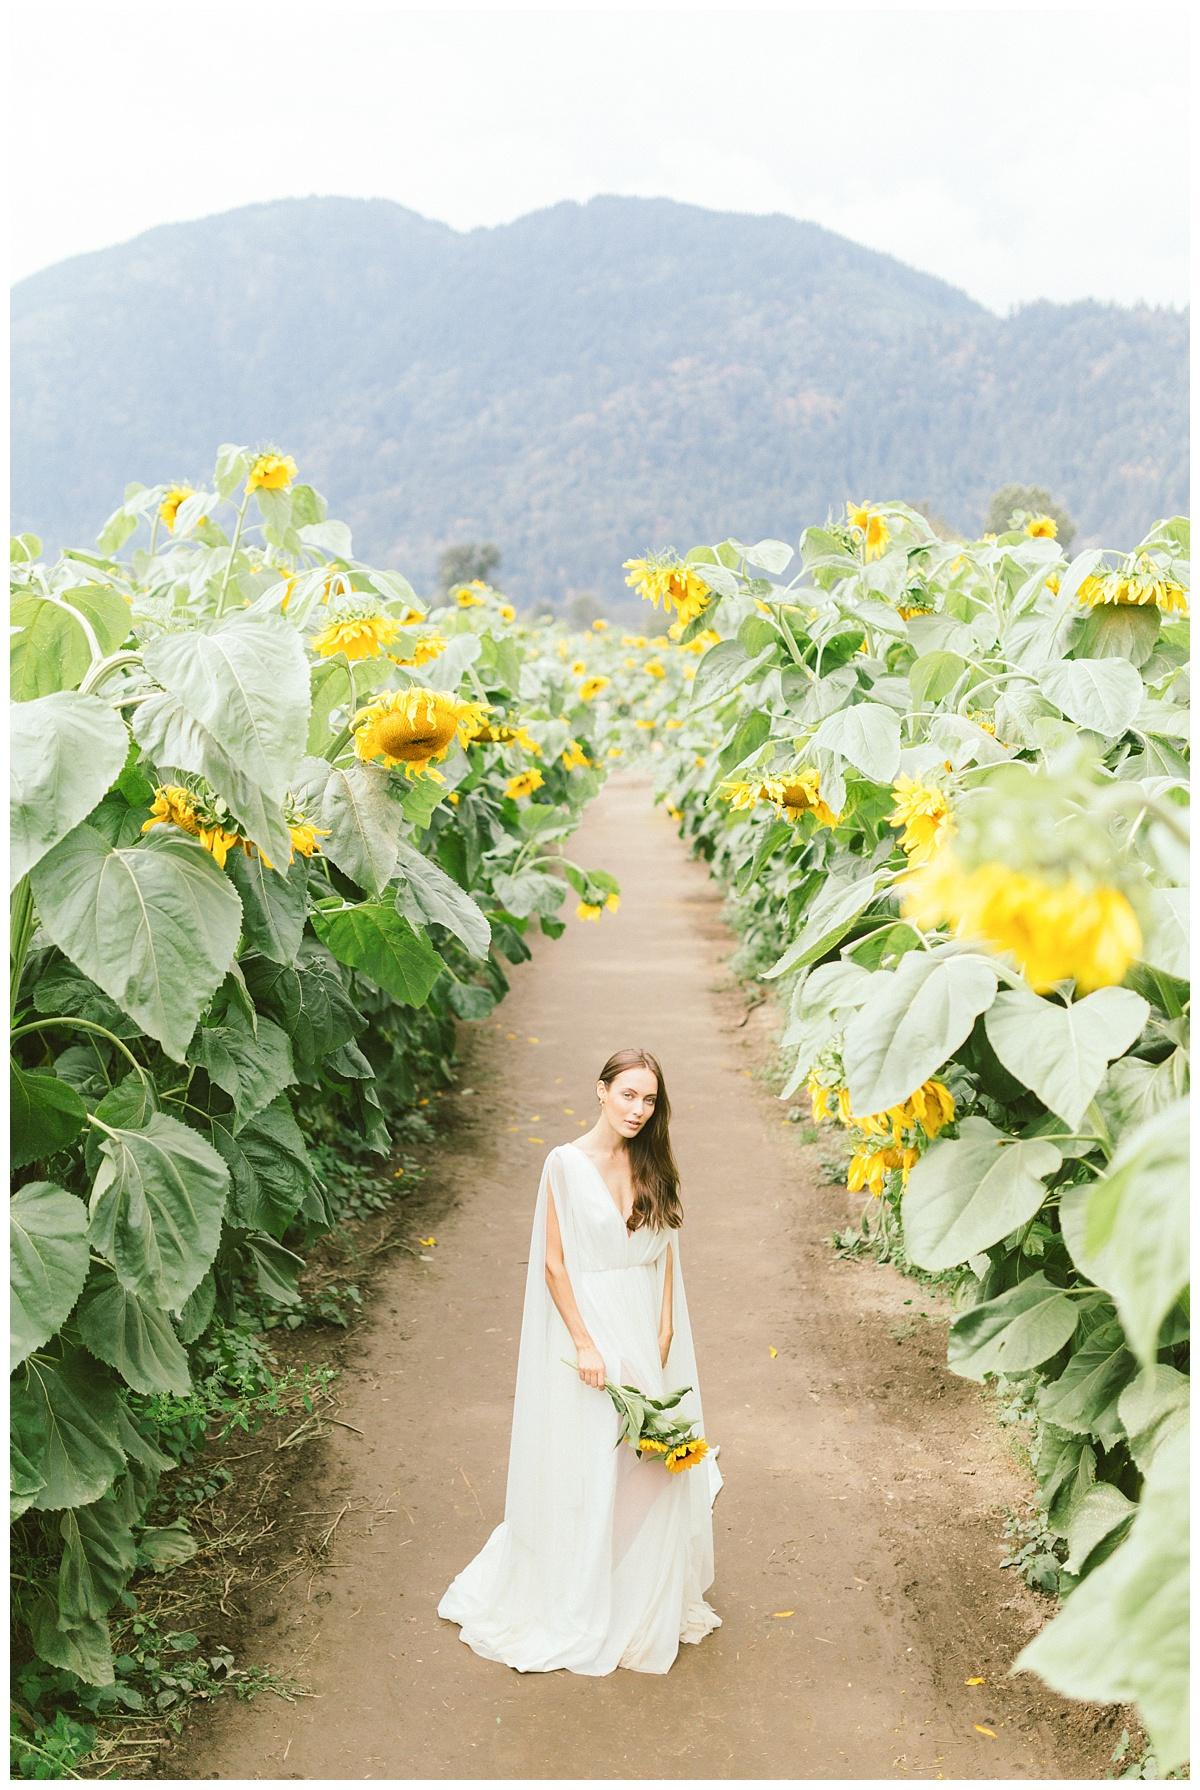 Hong Kong Vancouver Fine Art Wedding Photographer Mattie C. 112.jpg